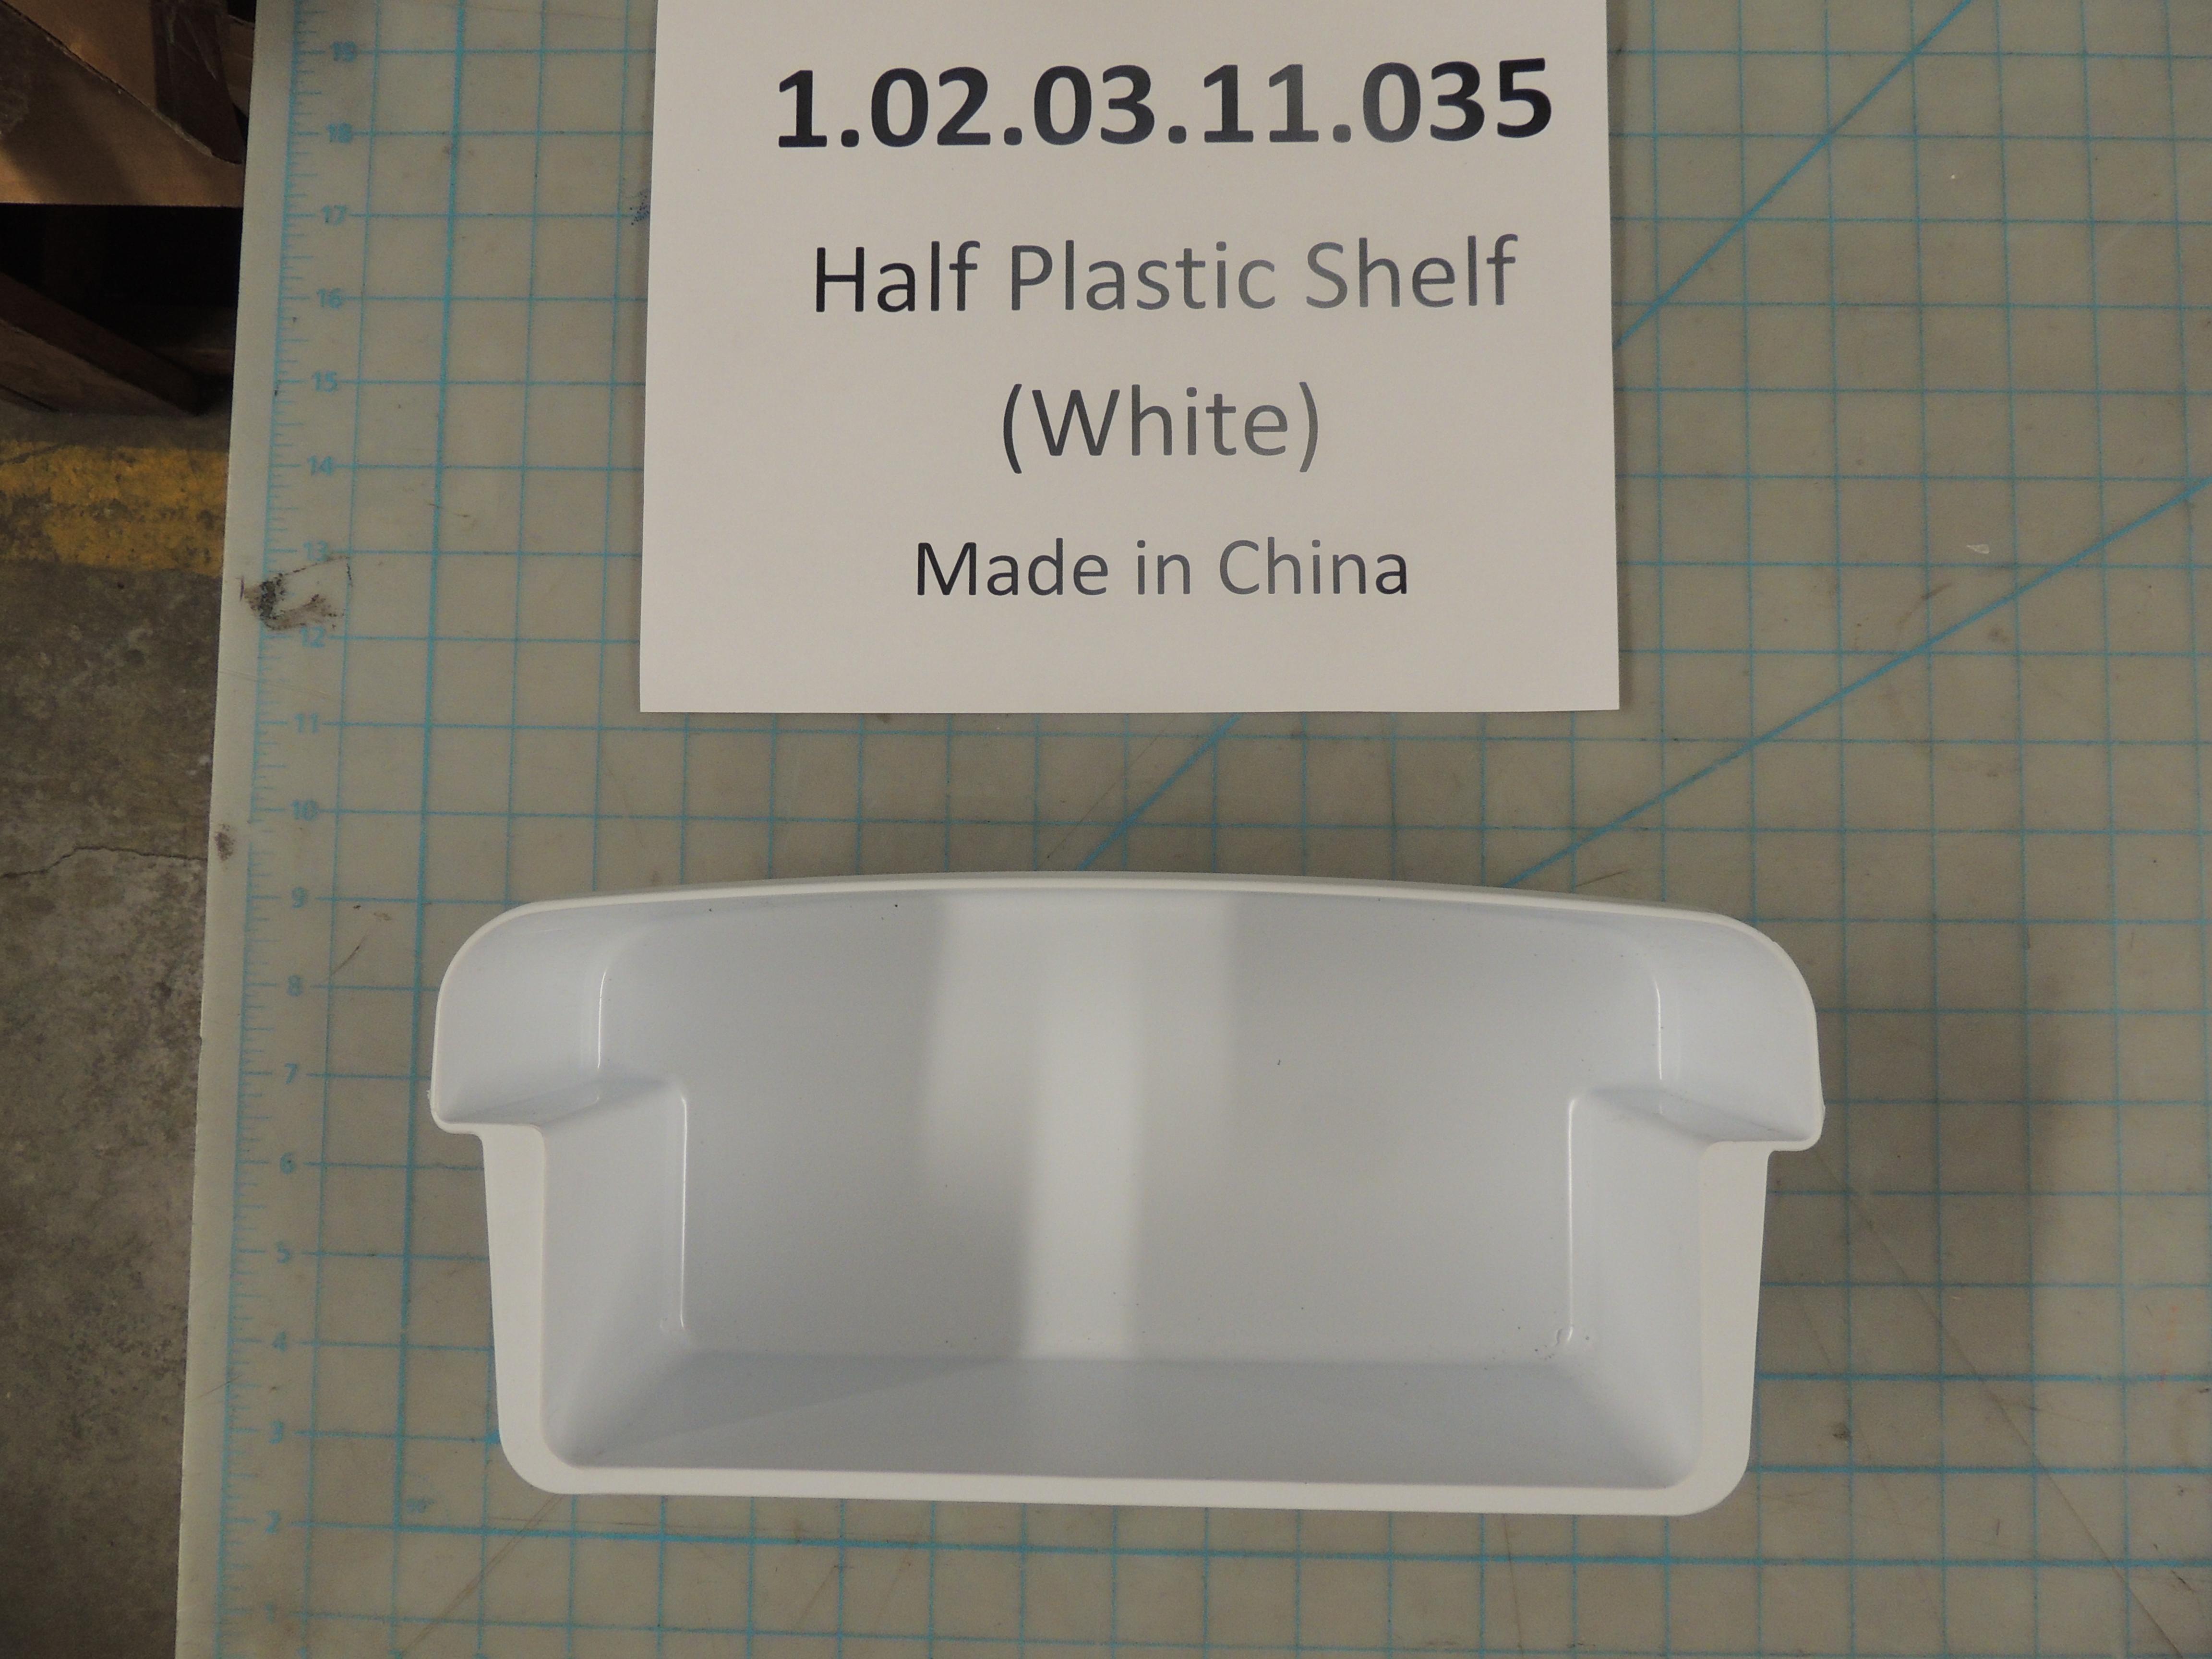 Half Plastic Shelf (White)